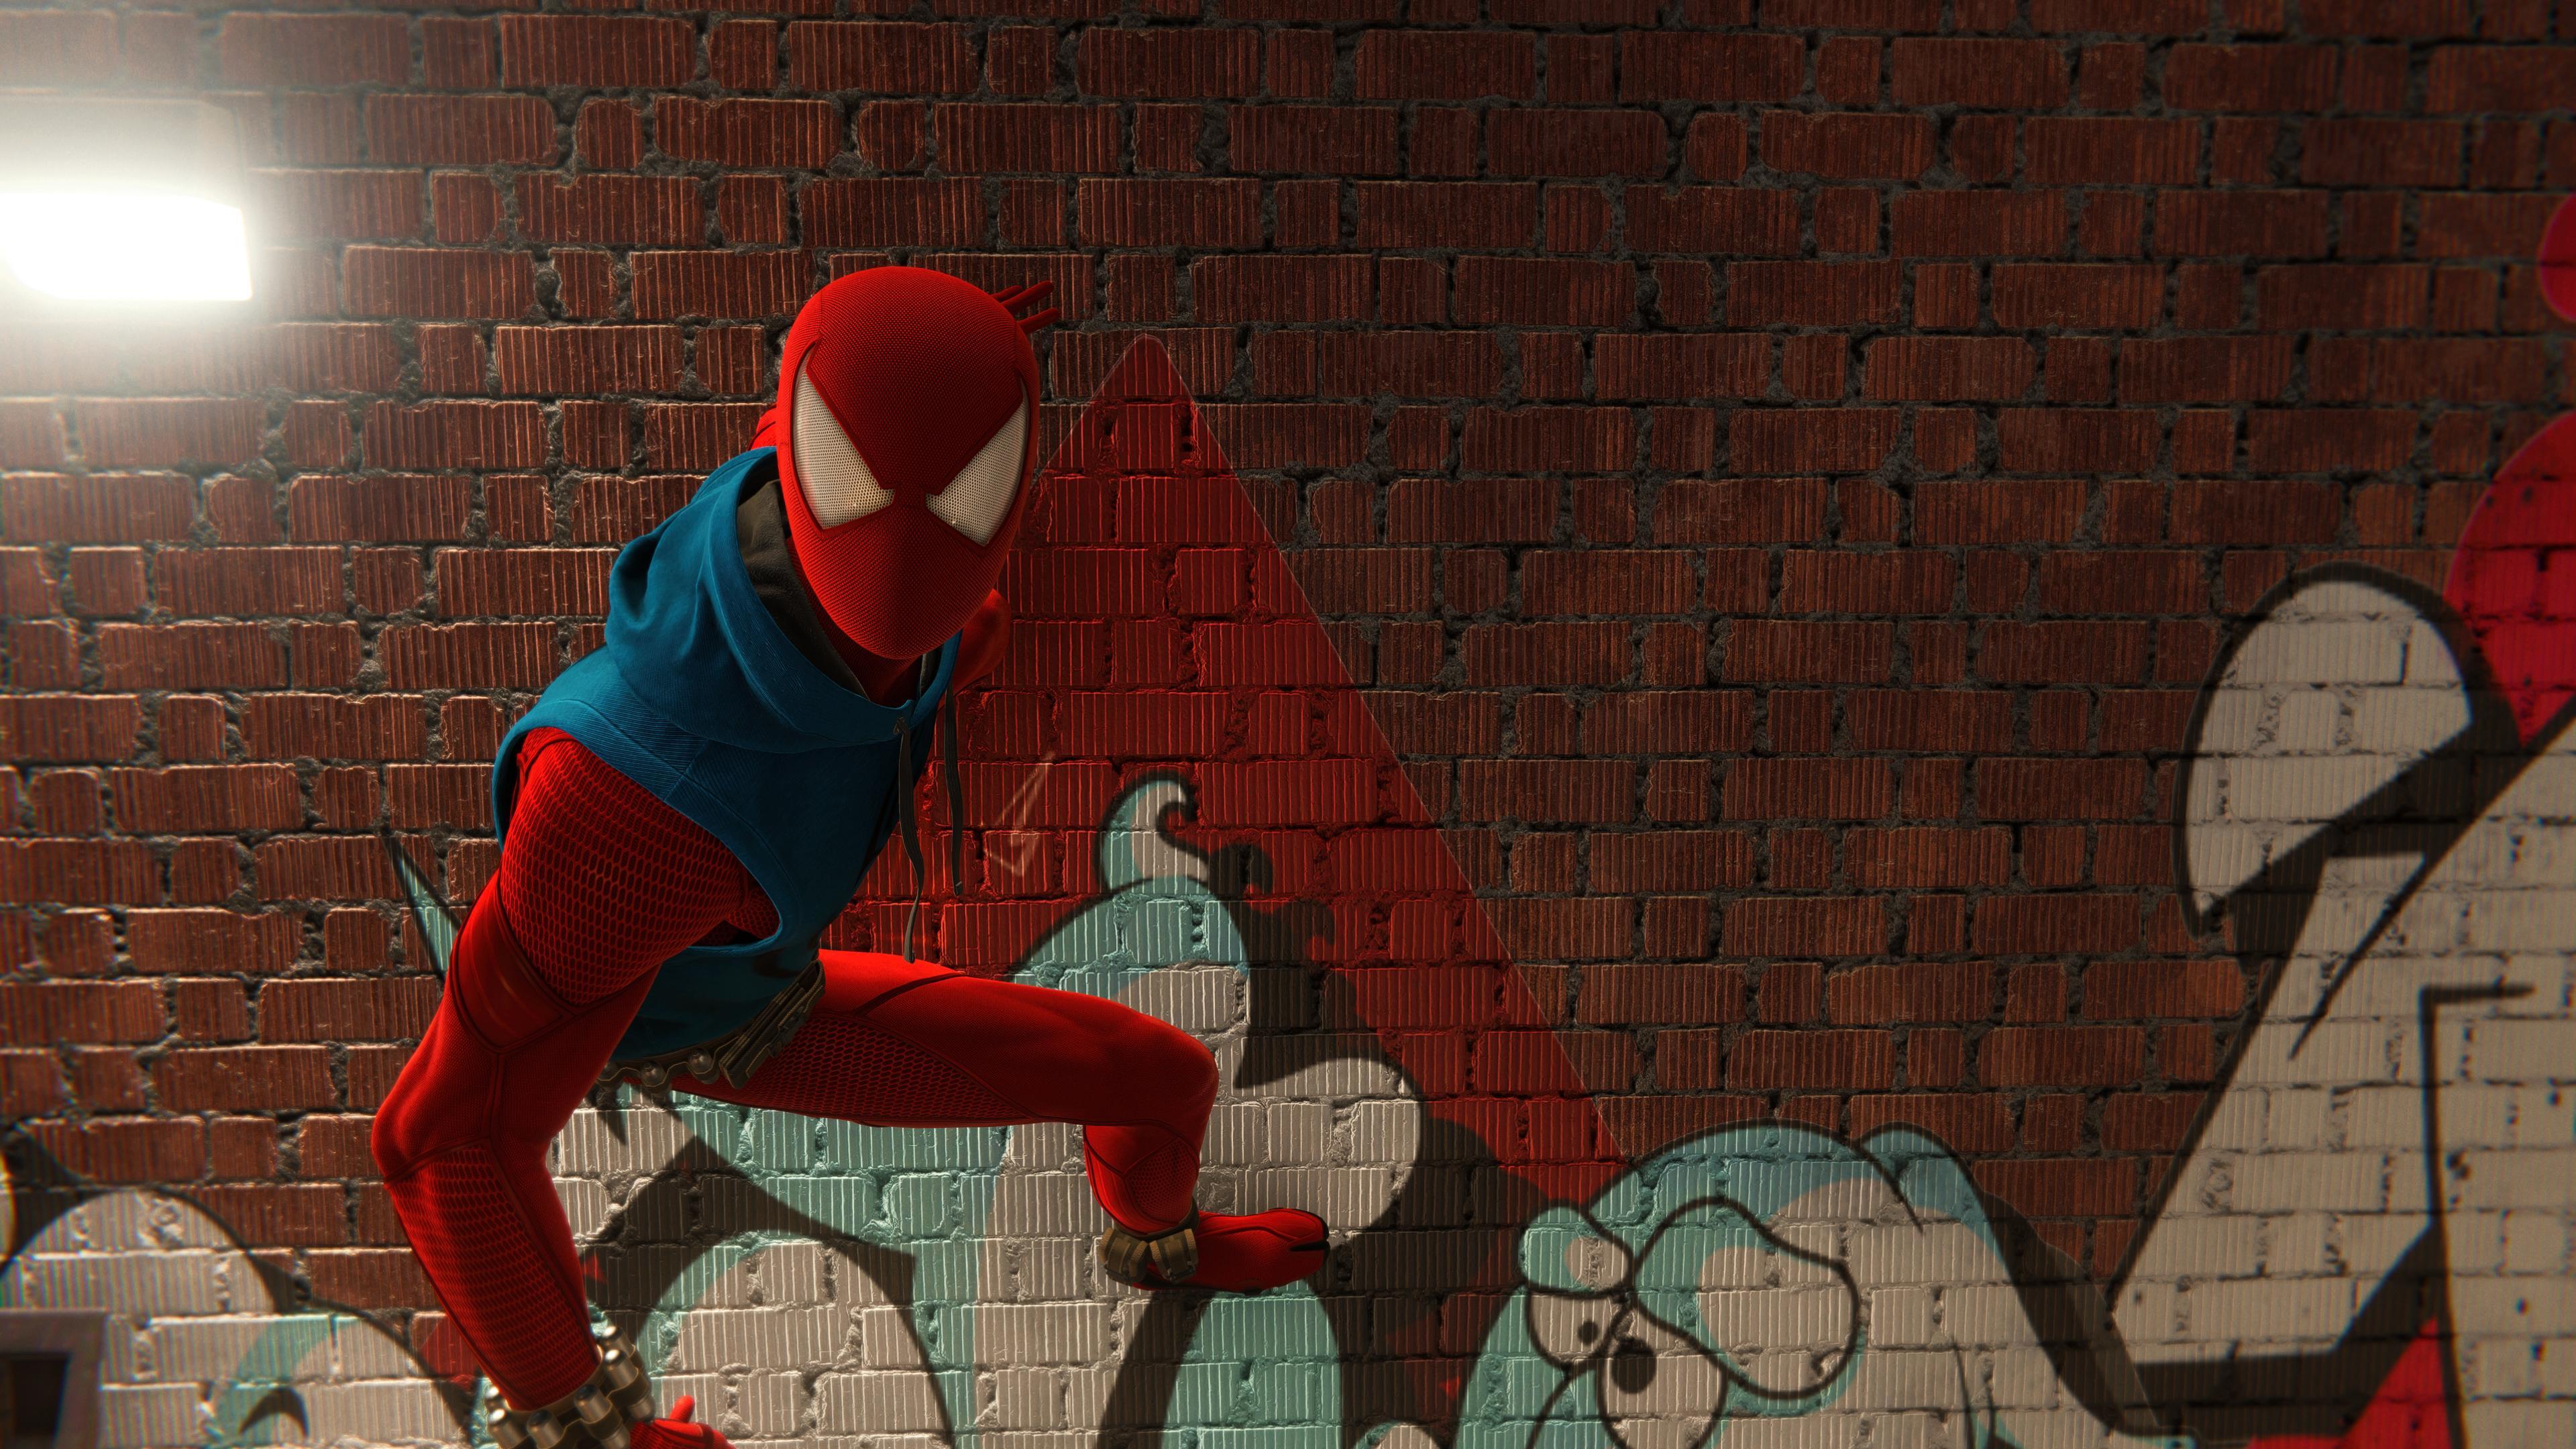 https://i.ibb.co/1spv6jP/Marvel-s-Spider-Man-Remastered-20210511232152.jpg